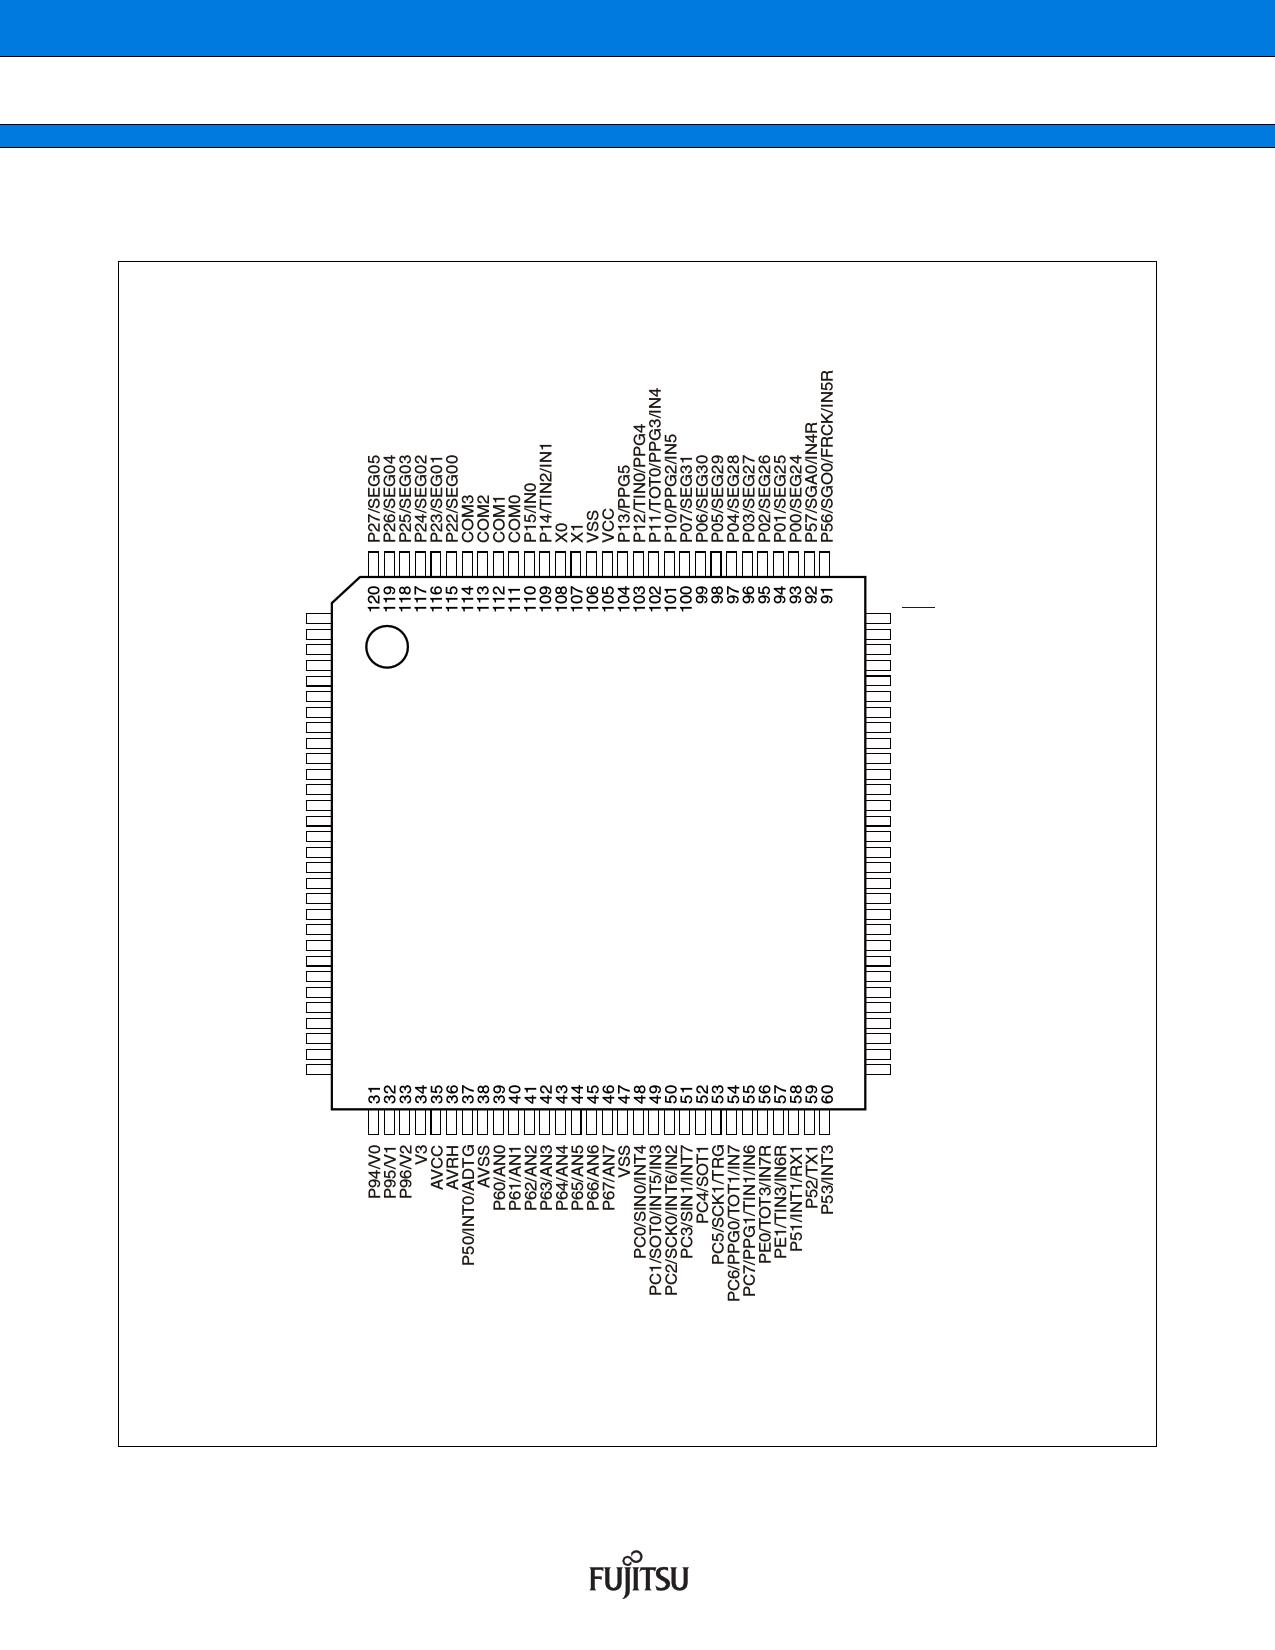 MB90V930-102 pdf, 반도체, 판매, 대치품